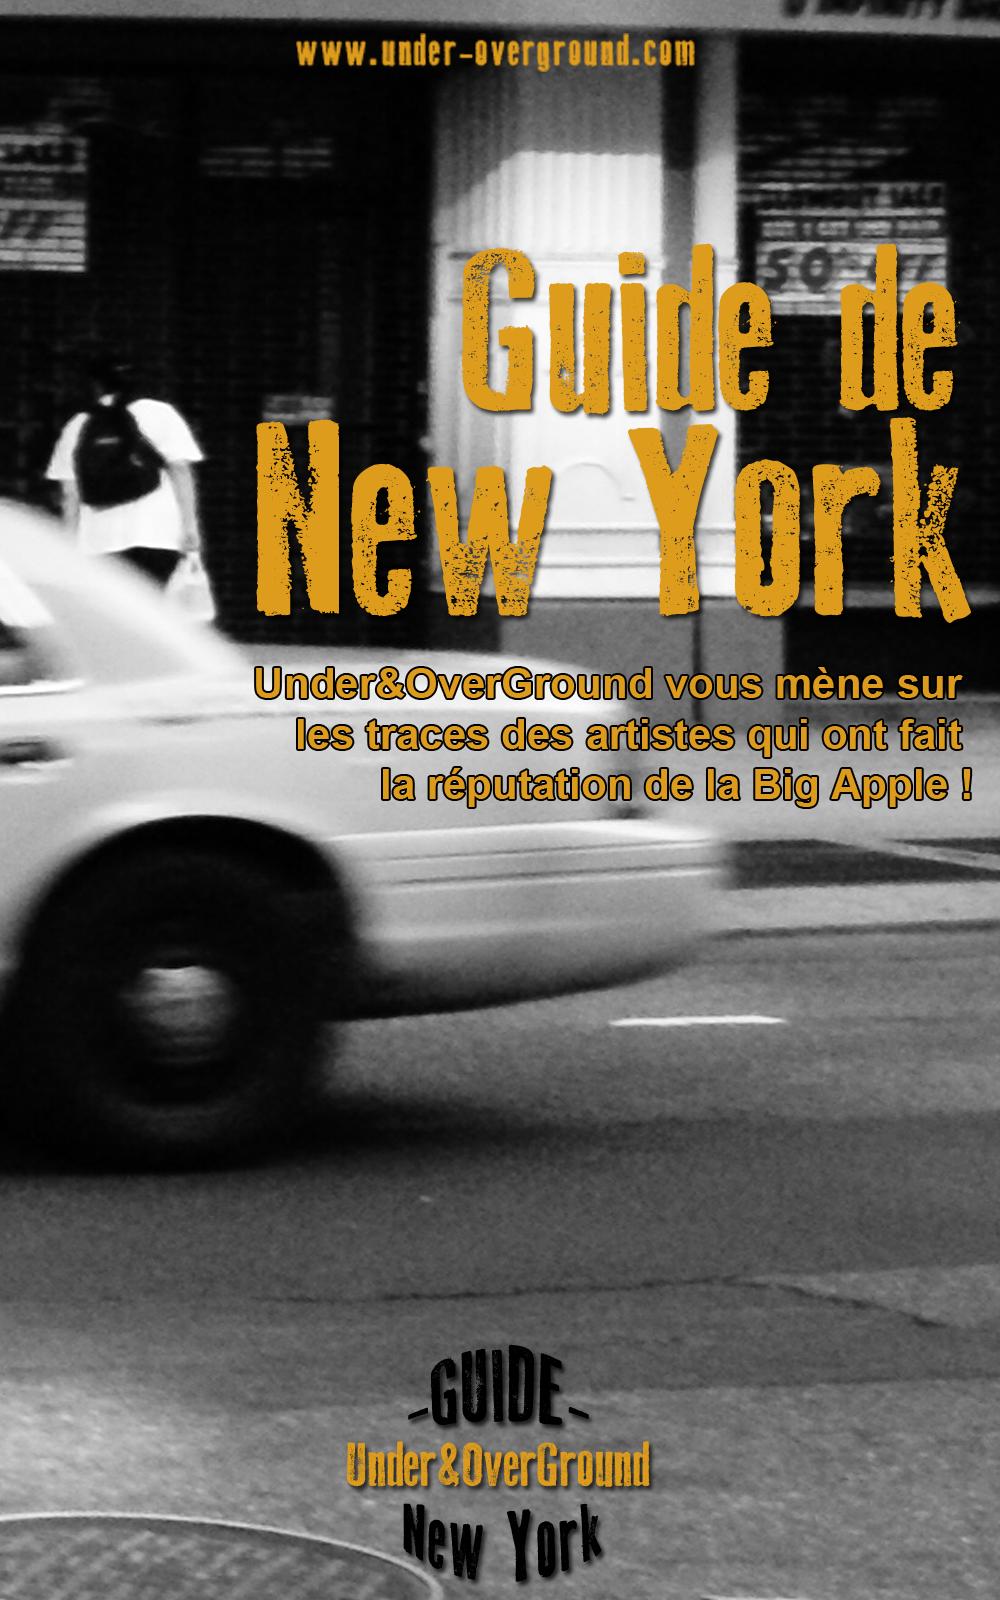 Le Guide de New York version Under&OverGround est en ligne !